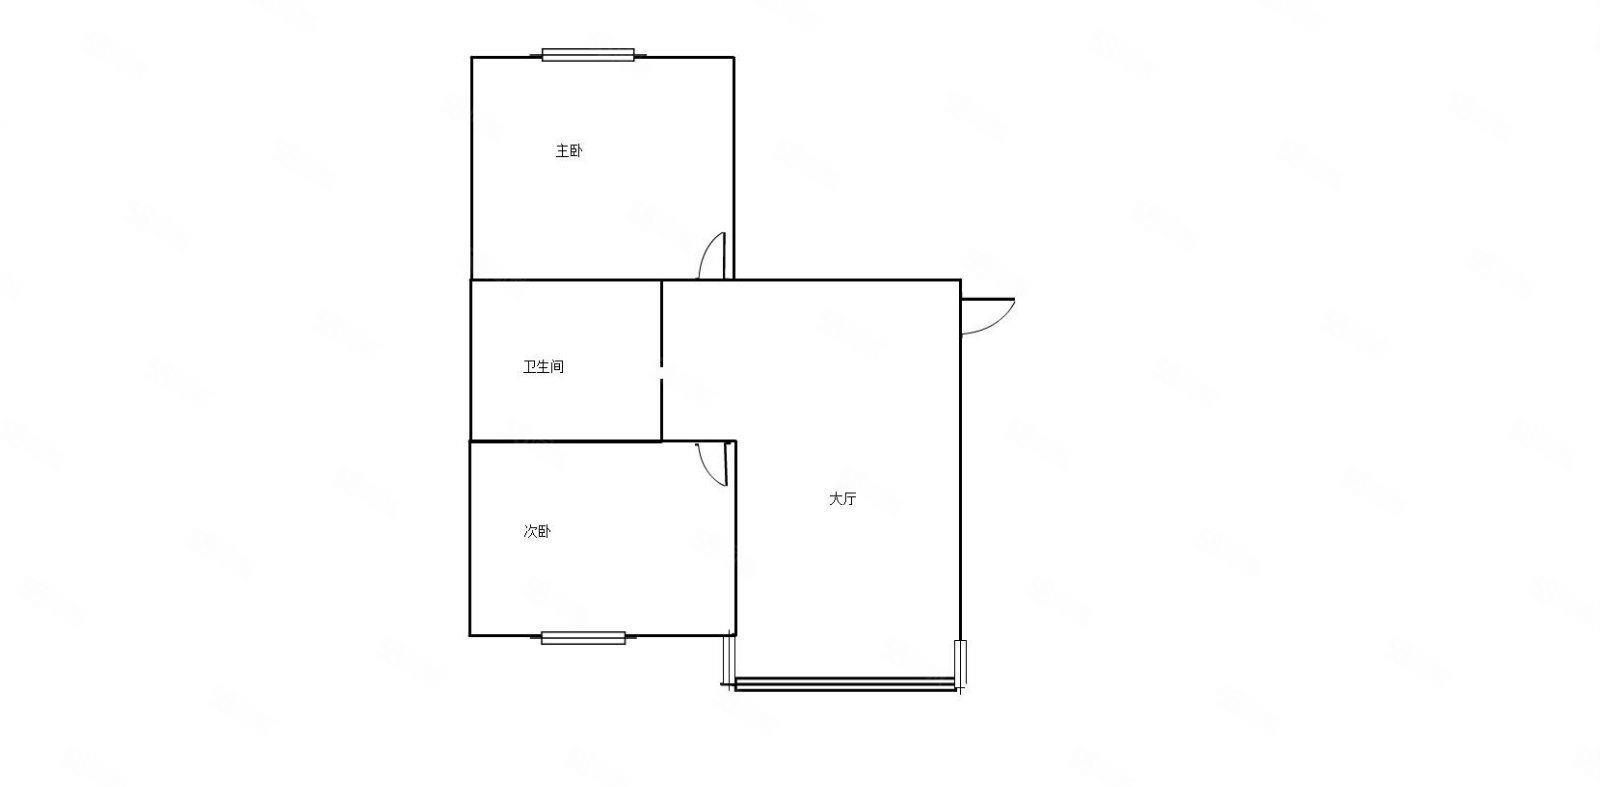 出租香漫花都5楼70平两室一厅年租2.3万带家具电器新房未住